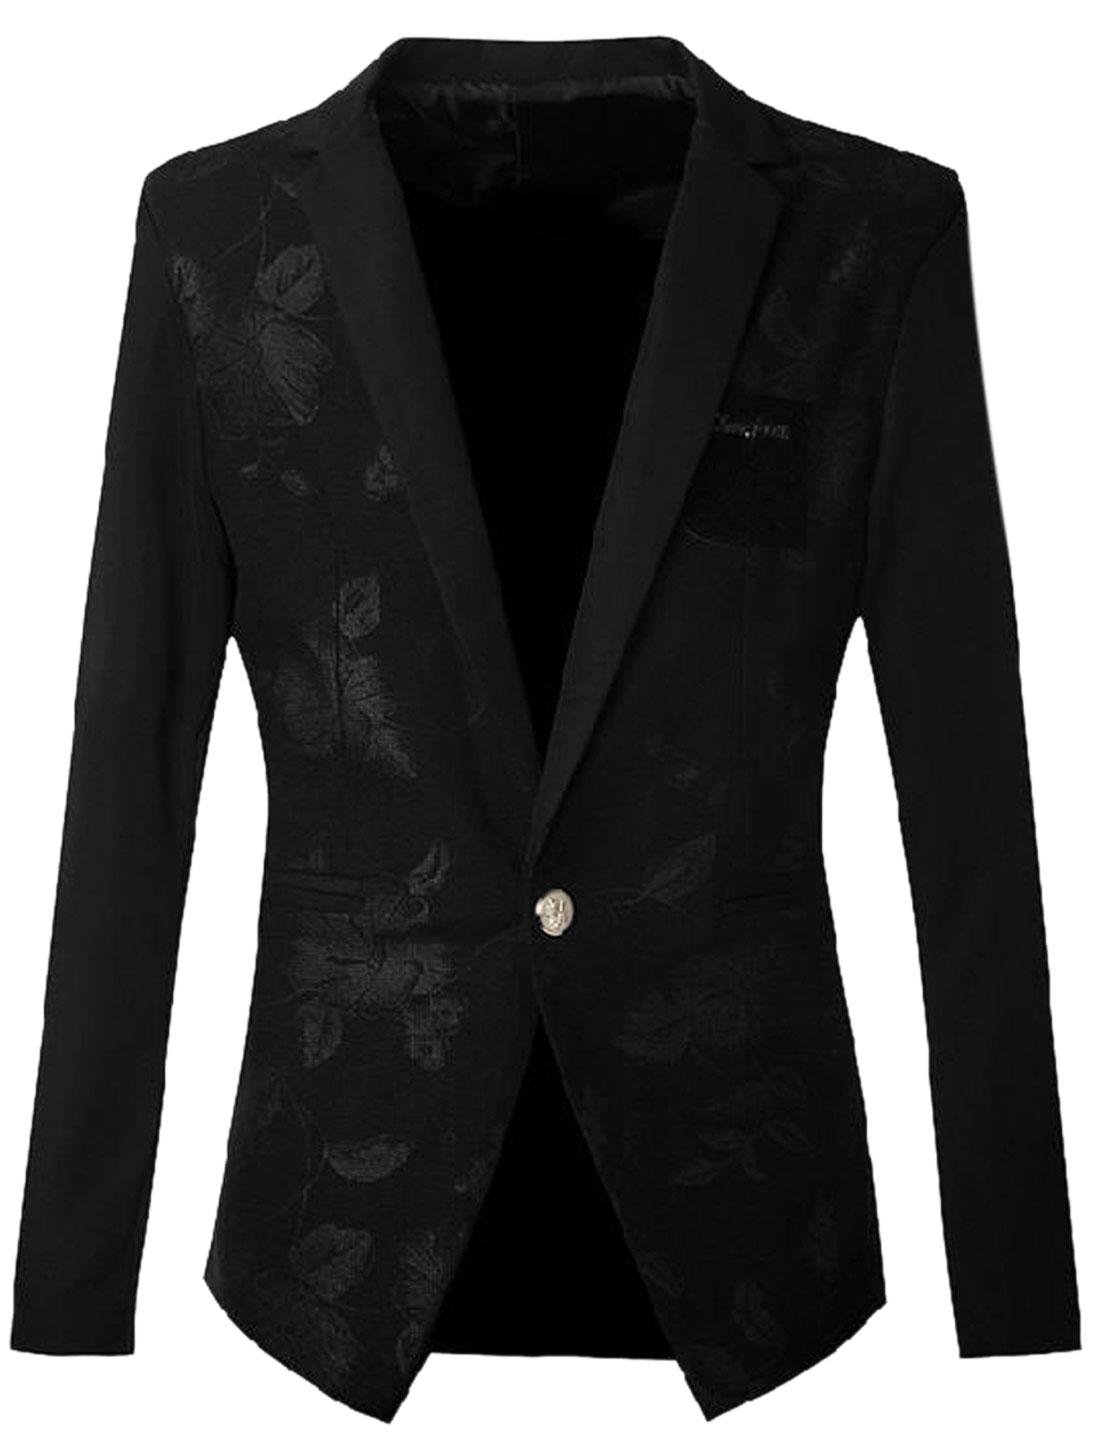 Men Notched Lapel Contrast Color Premium Blazer Jacket Black S